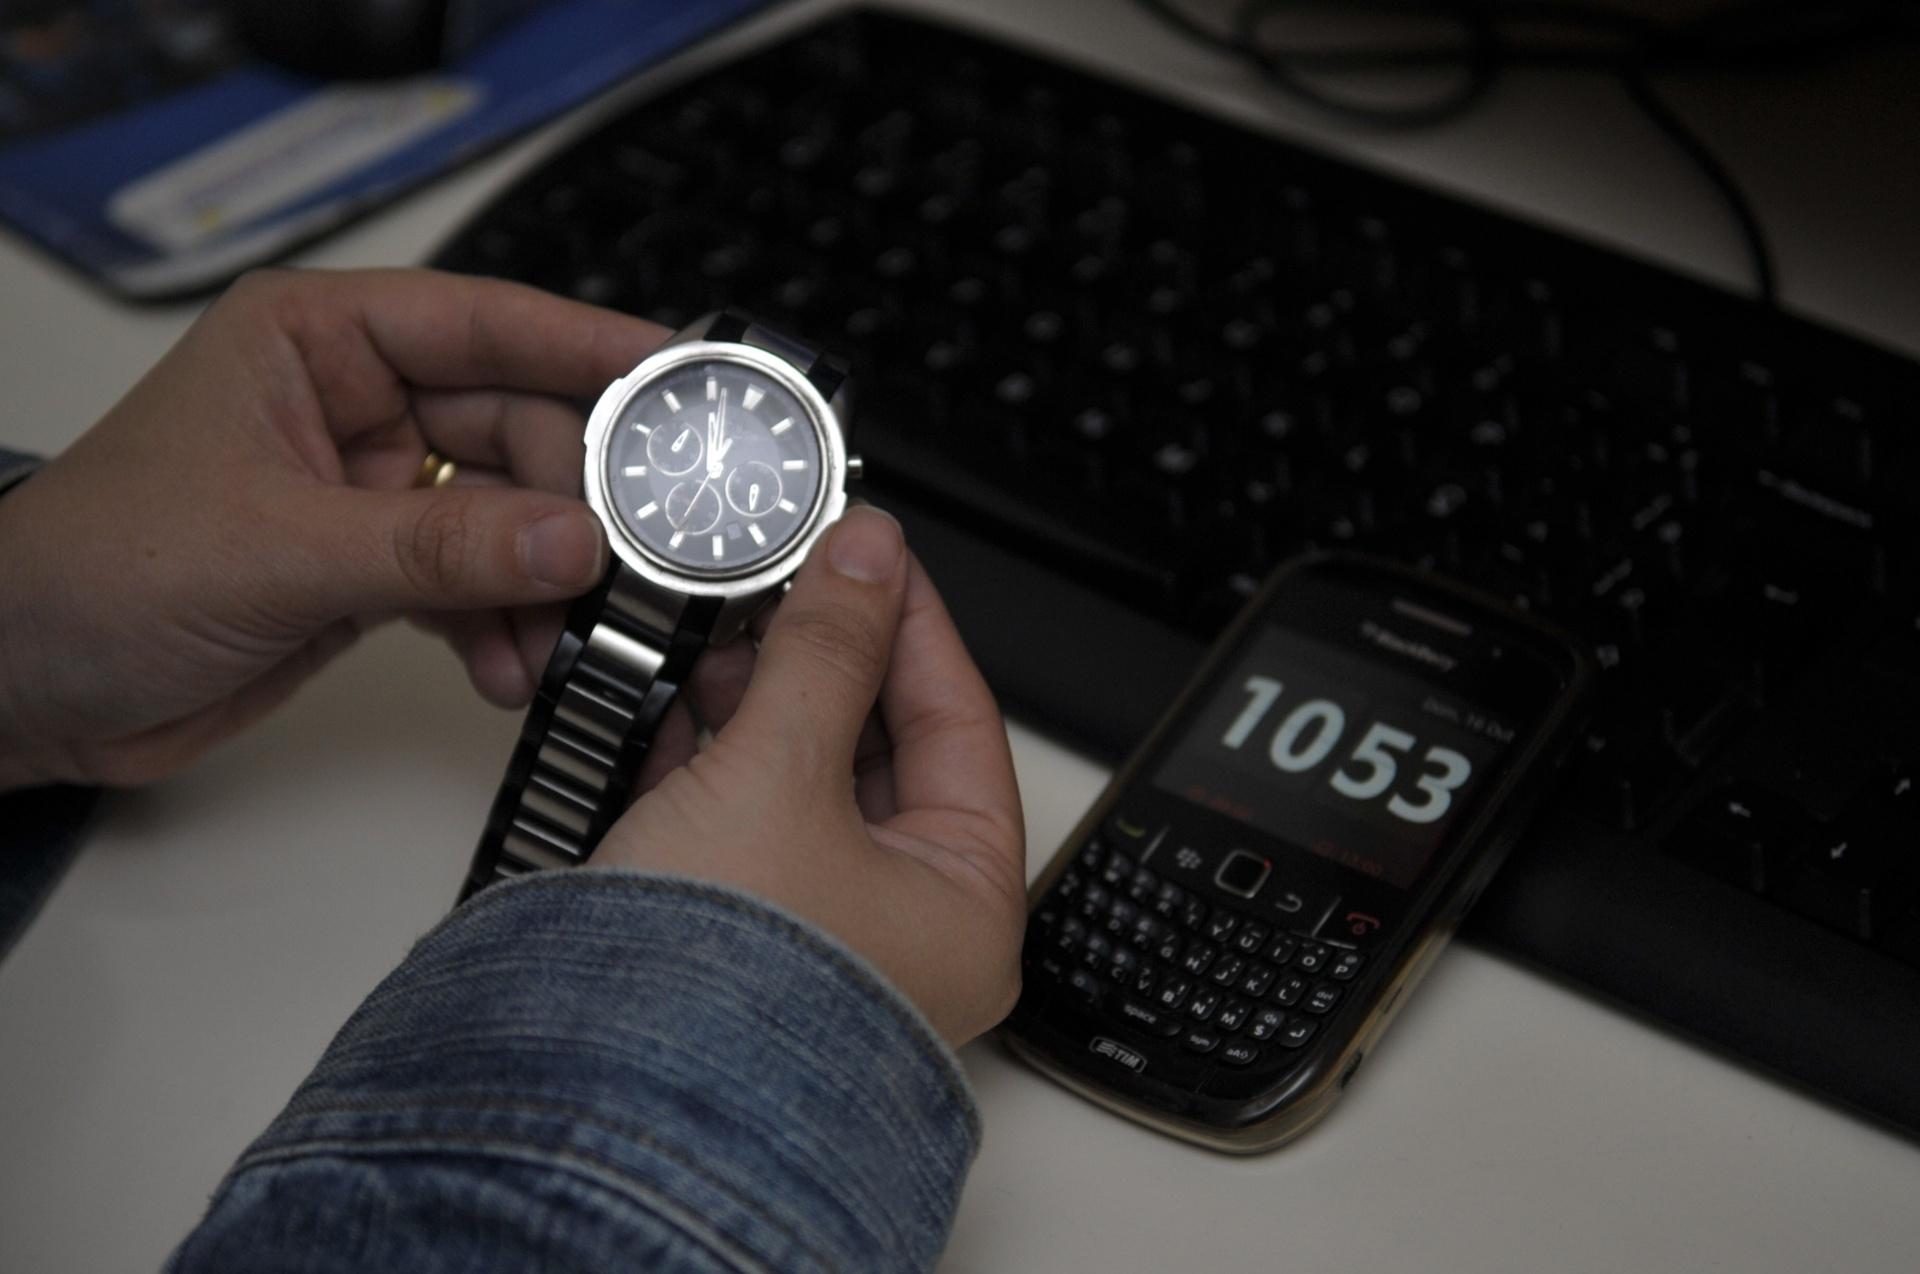 f503c7033ac Relógios de computador e celular se adiantam